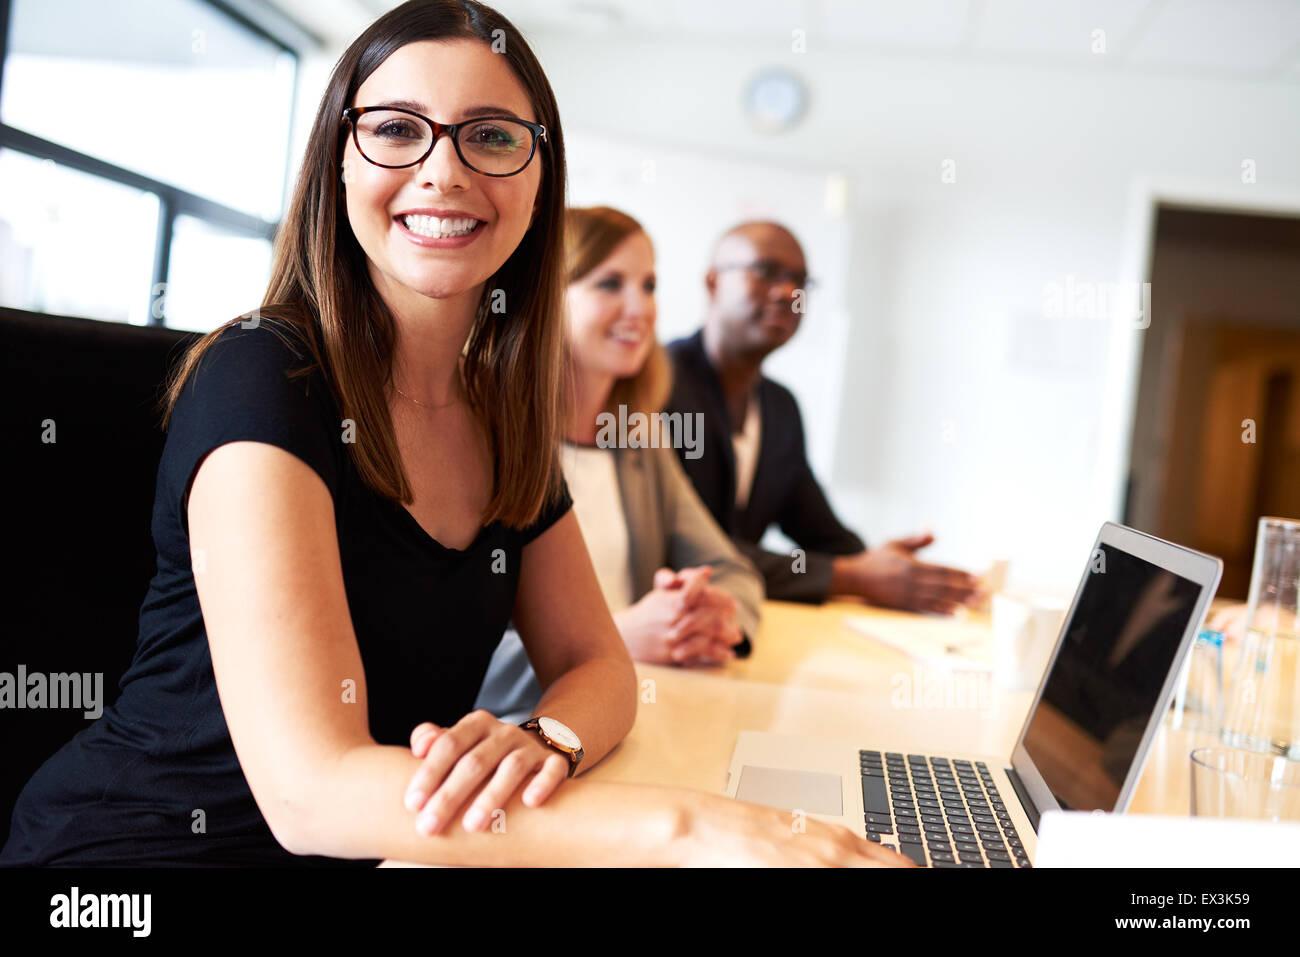 Jeune femme souriante exécutif blanc au cours de réunion en salle de conférence Bureau Photo Stock